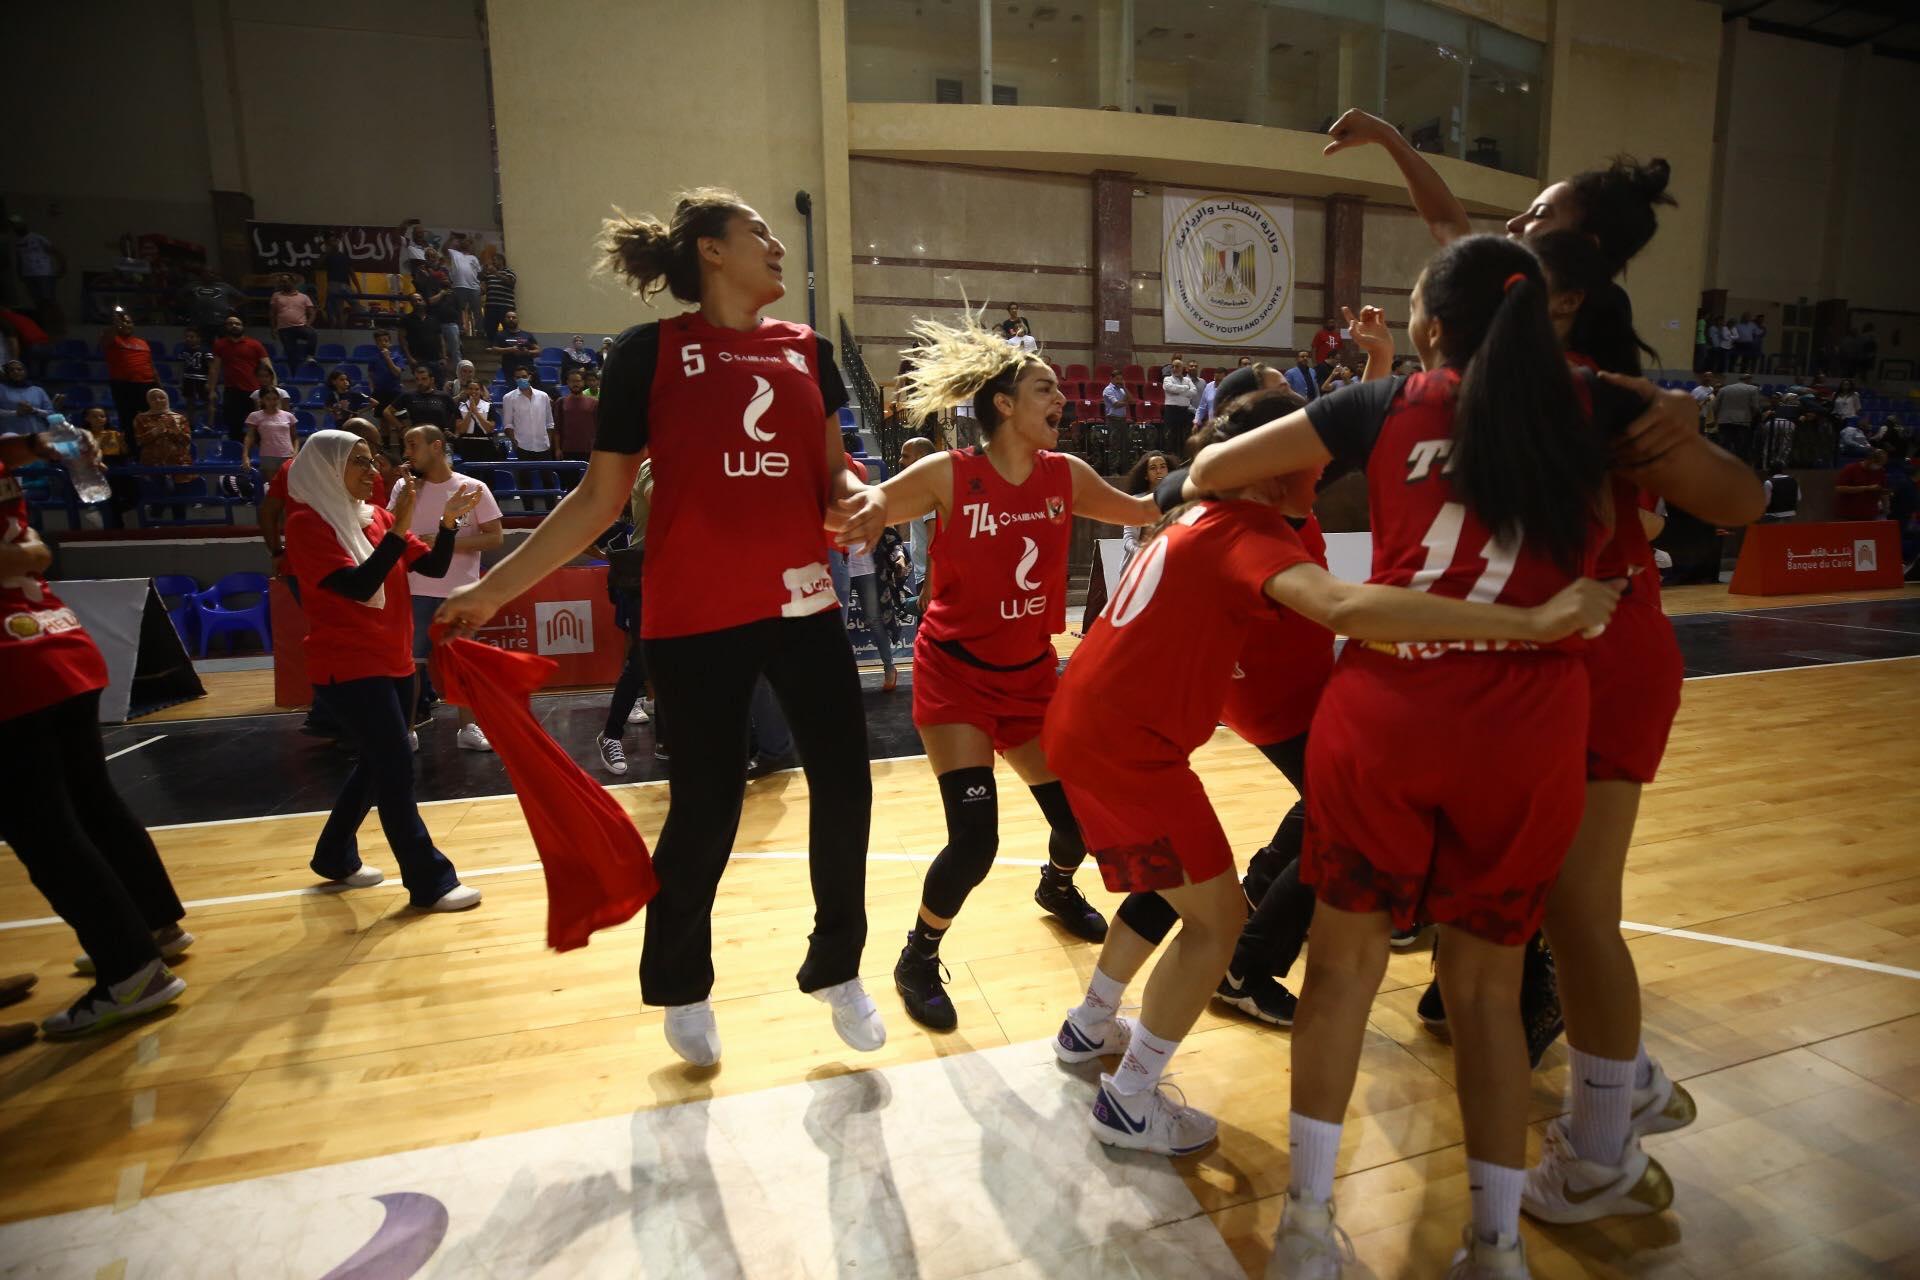 دوري كرة السلة سيداتأهلاوي